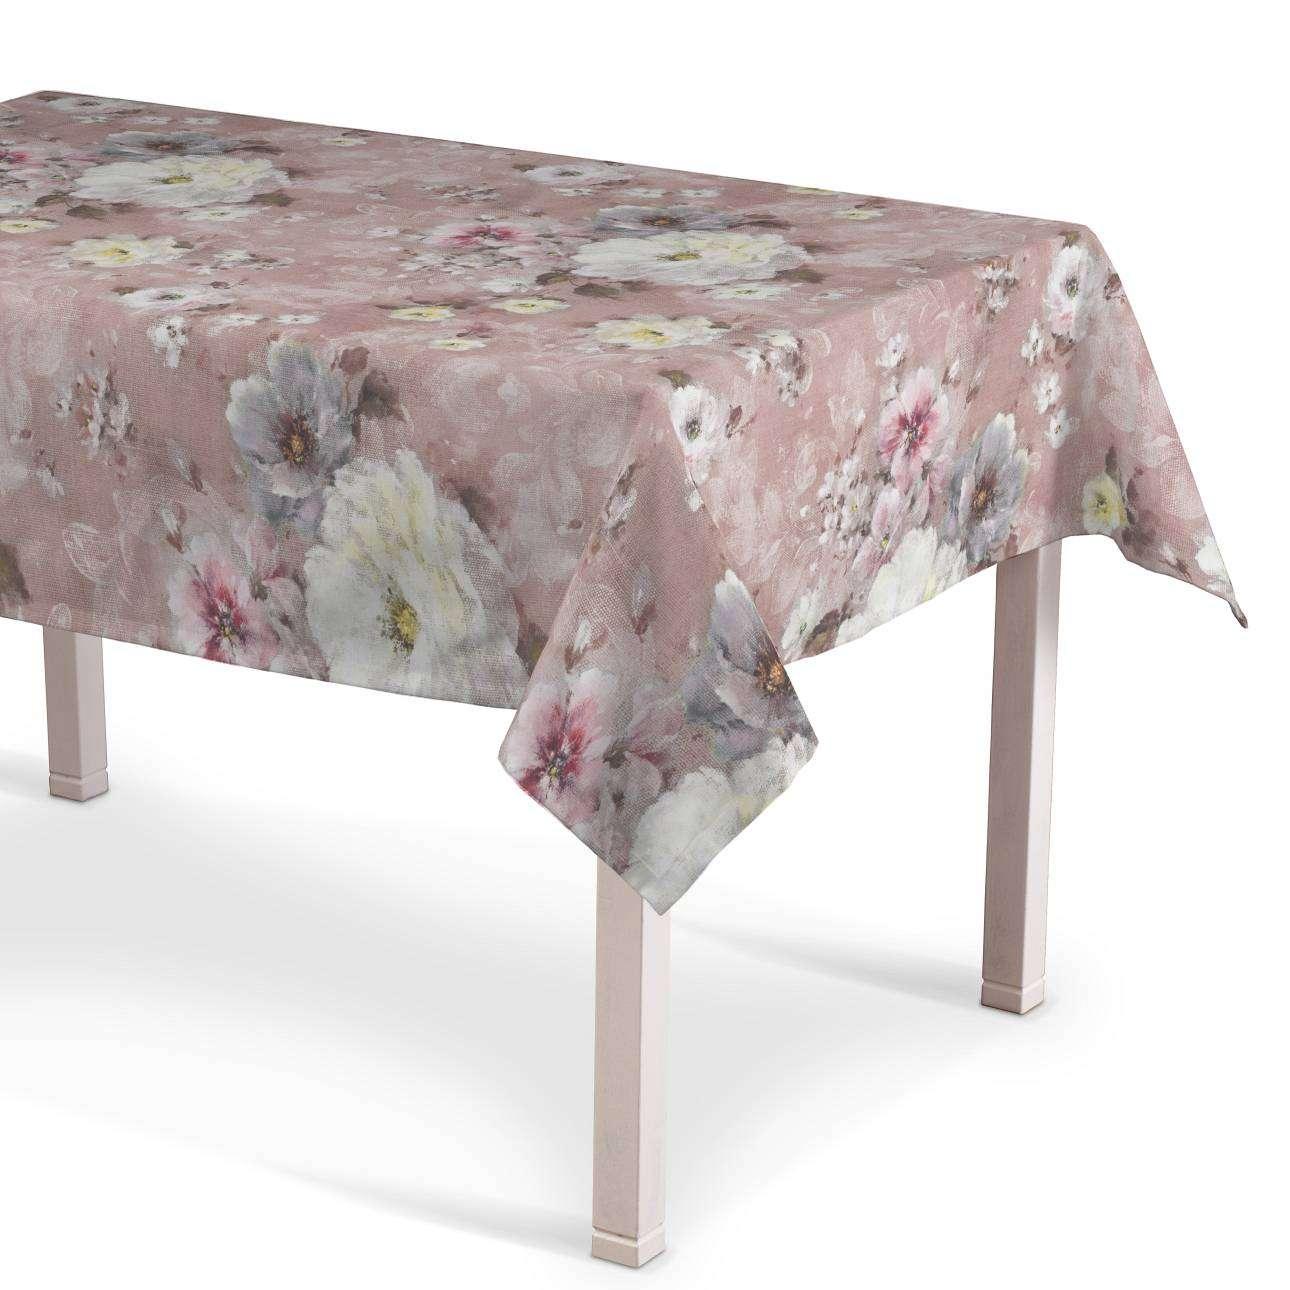 Rechteckige Tischdecke 130 x 130 cm von der Kollektion Monet, Stoff: 137-83